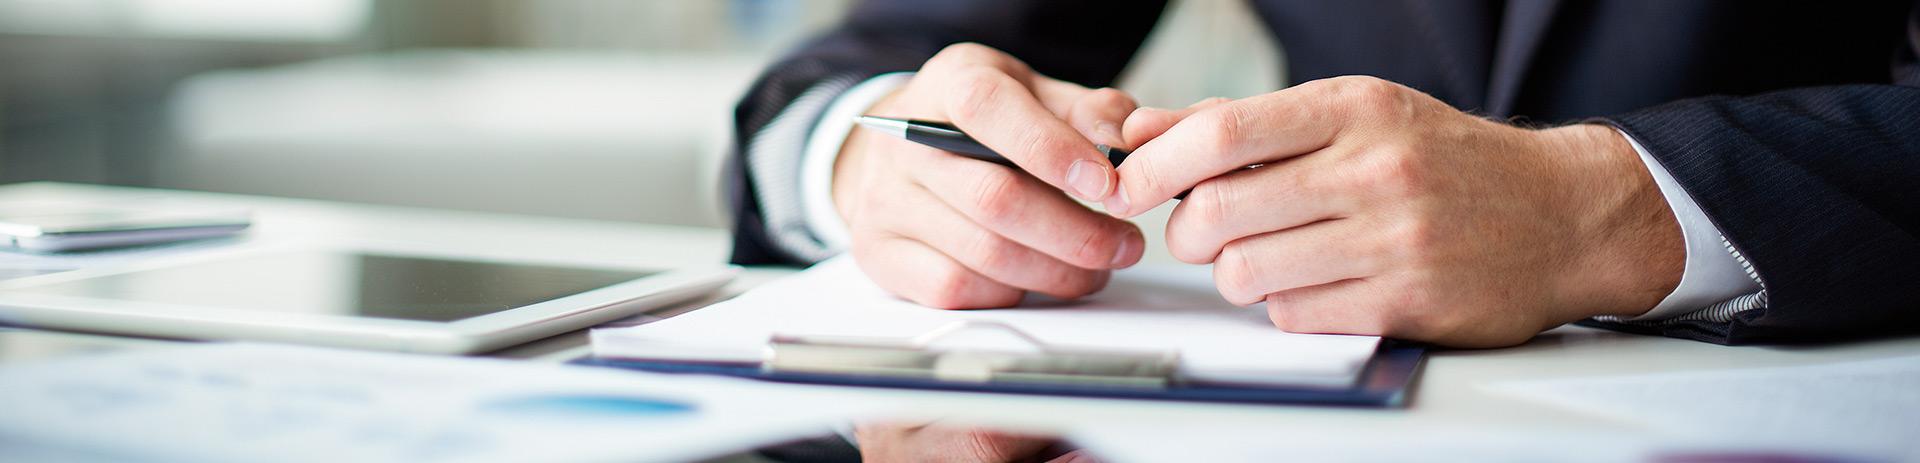 Ausschnitt von Händen mit einem Kugelschreiber in der Hand; davor liegen Papier und ein Tablet